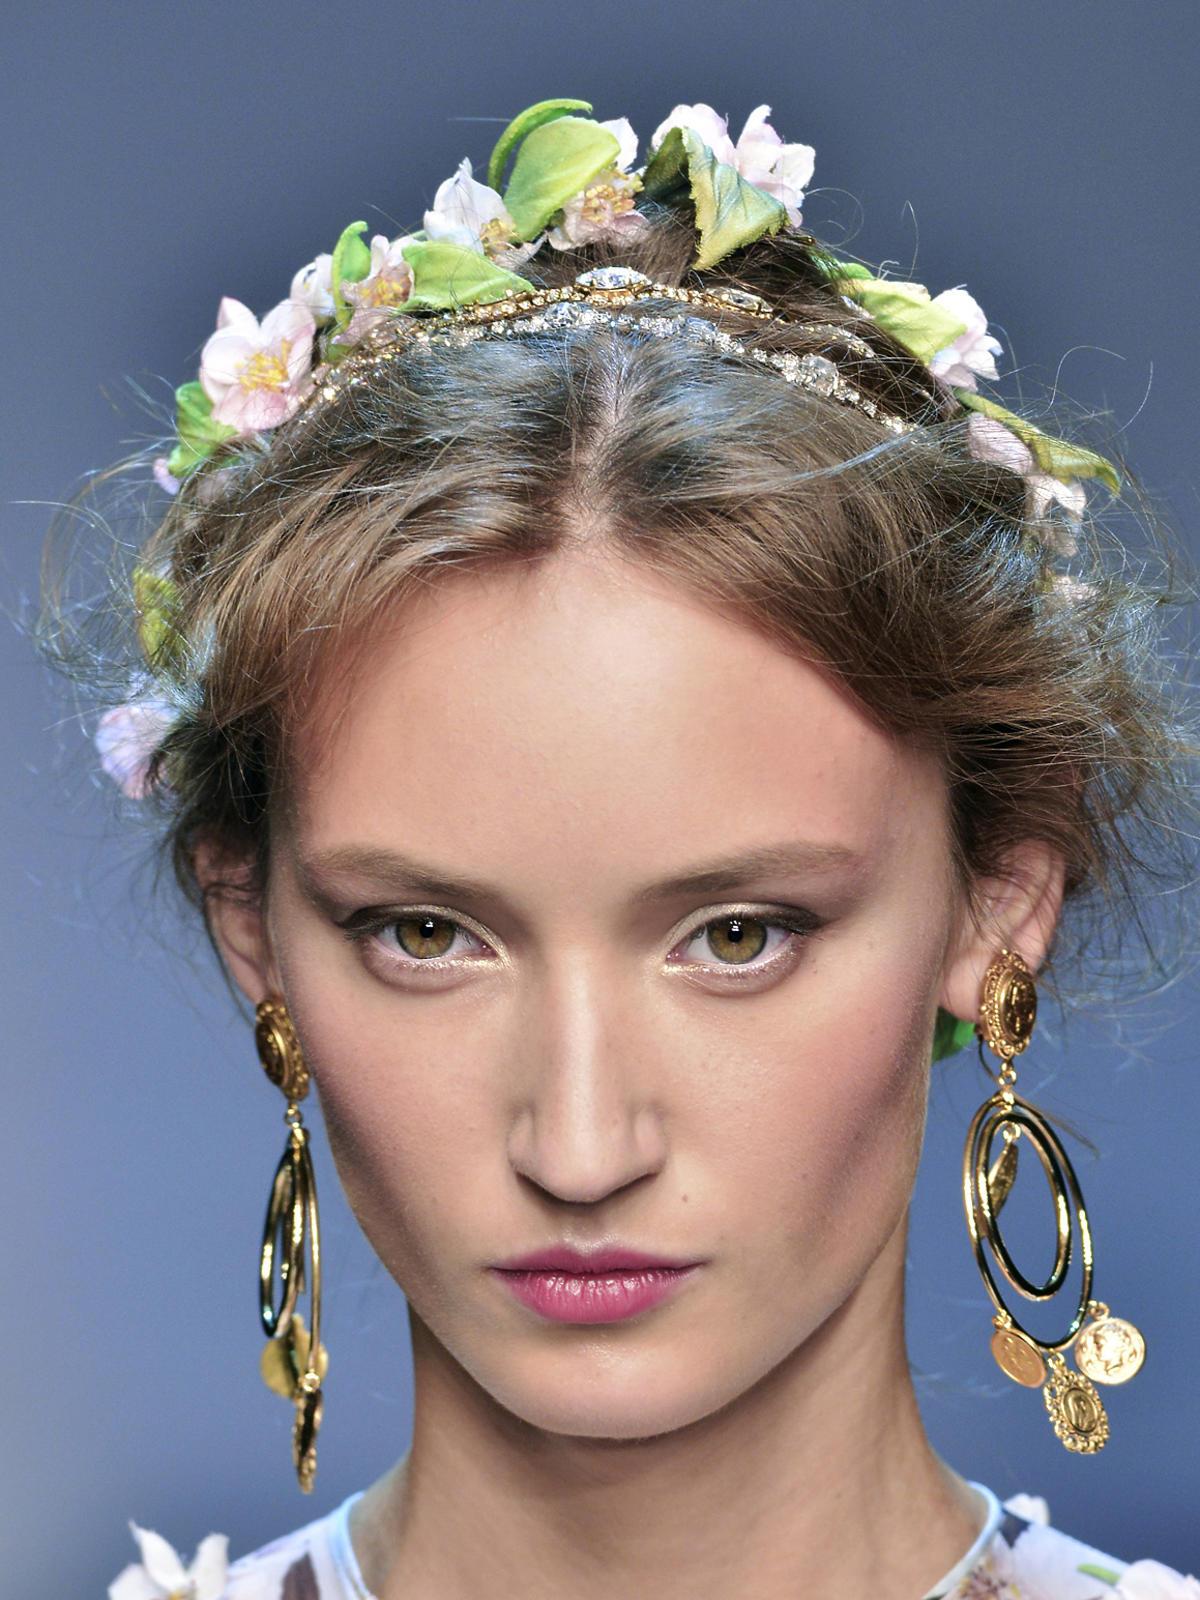 Fryzura z ozdobną opaską na wiosnę 2014, Dolce&Gabbana